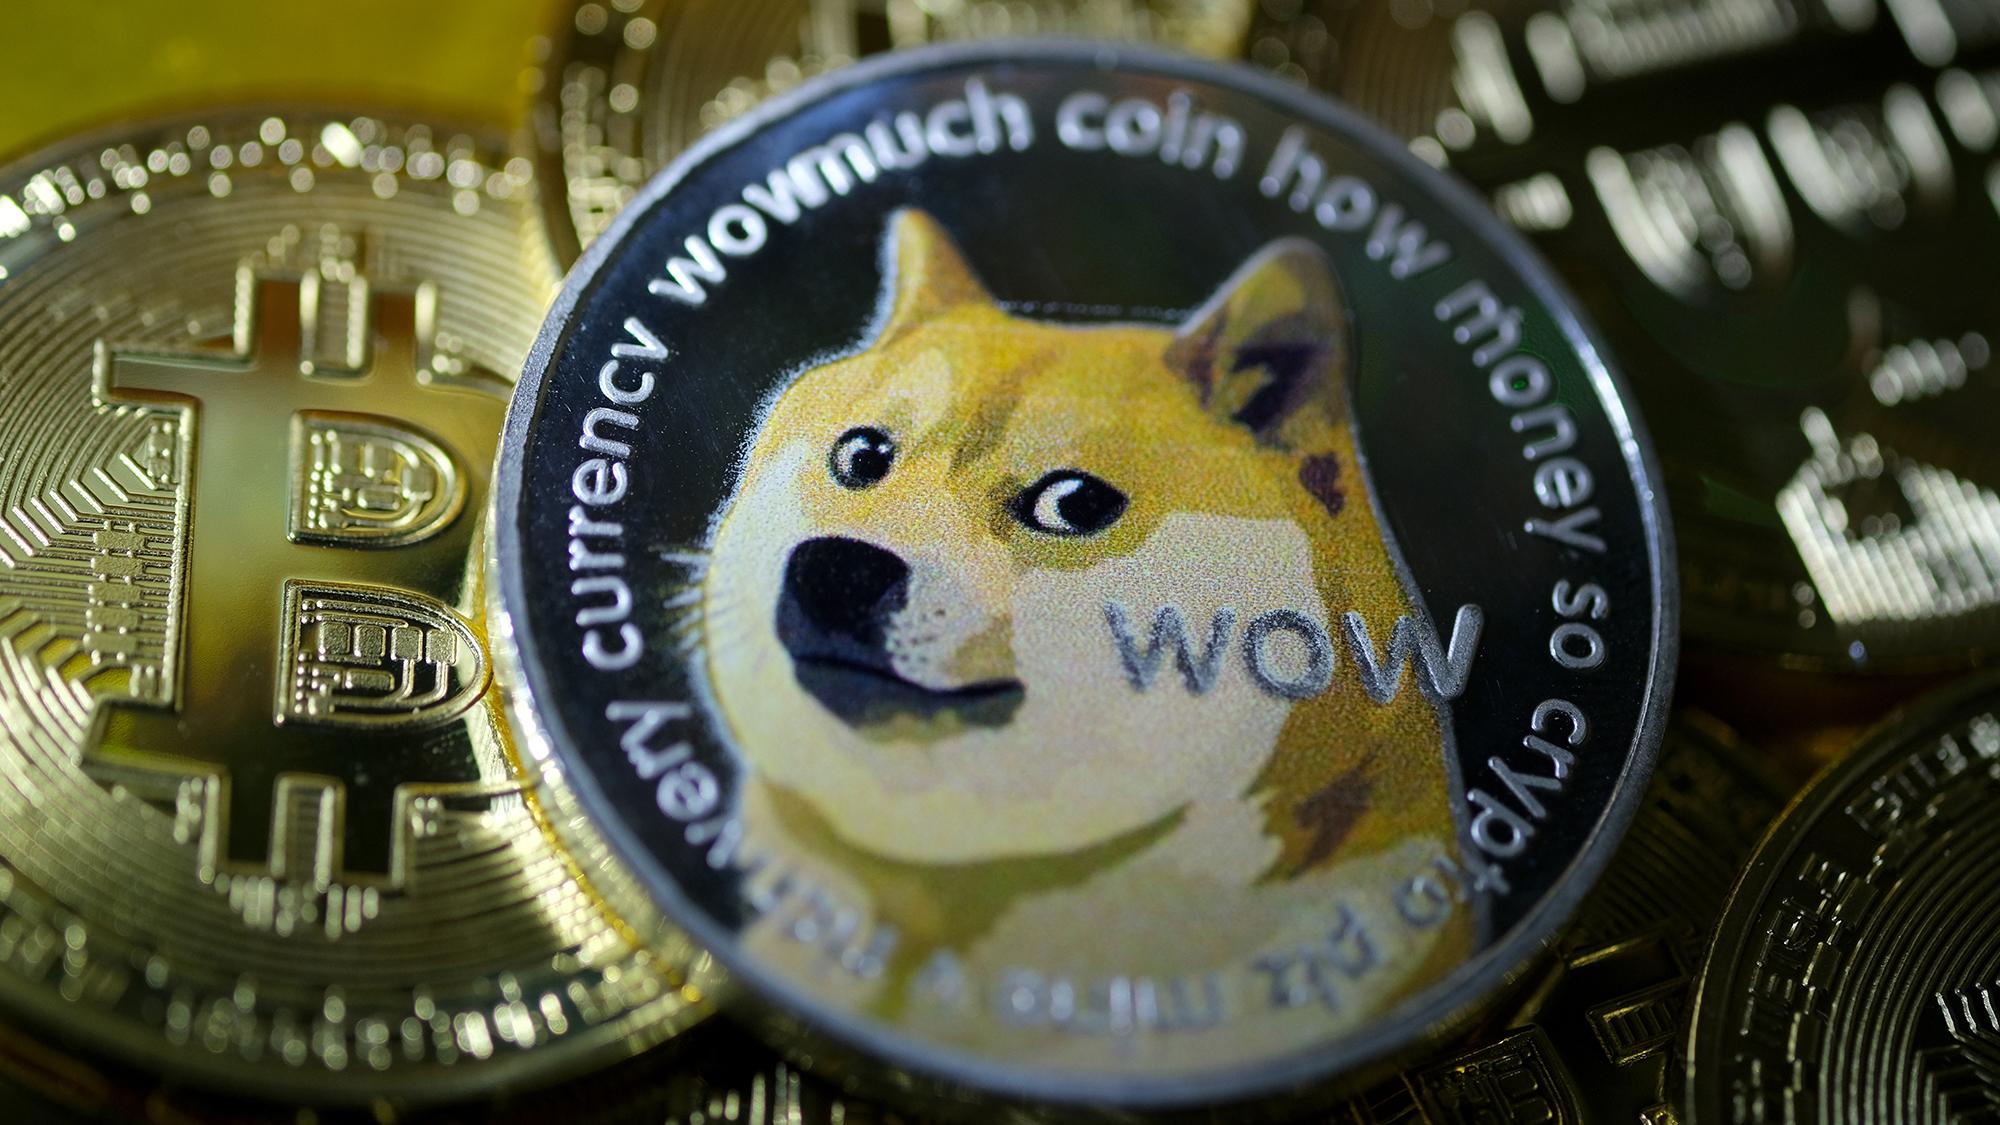 Dogecoin briefly broke Robinhood's crypto trading systems